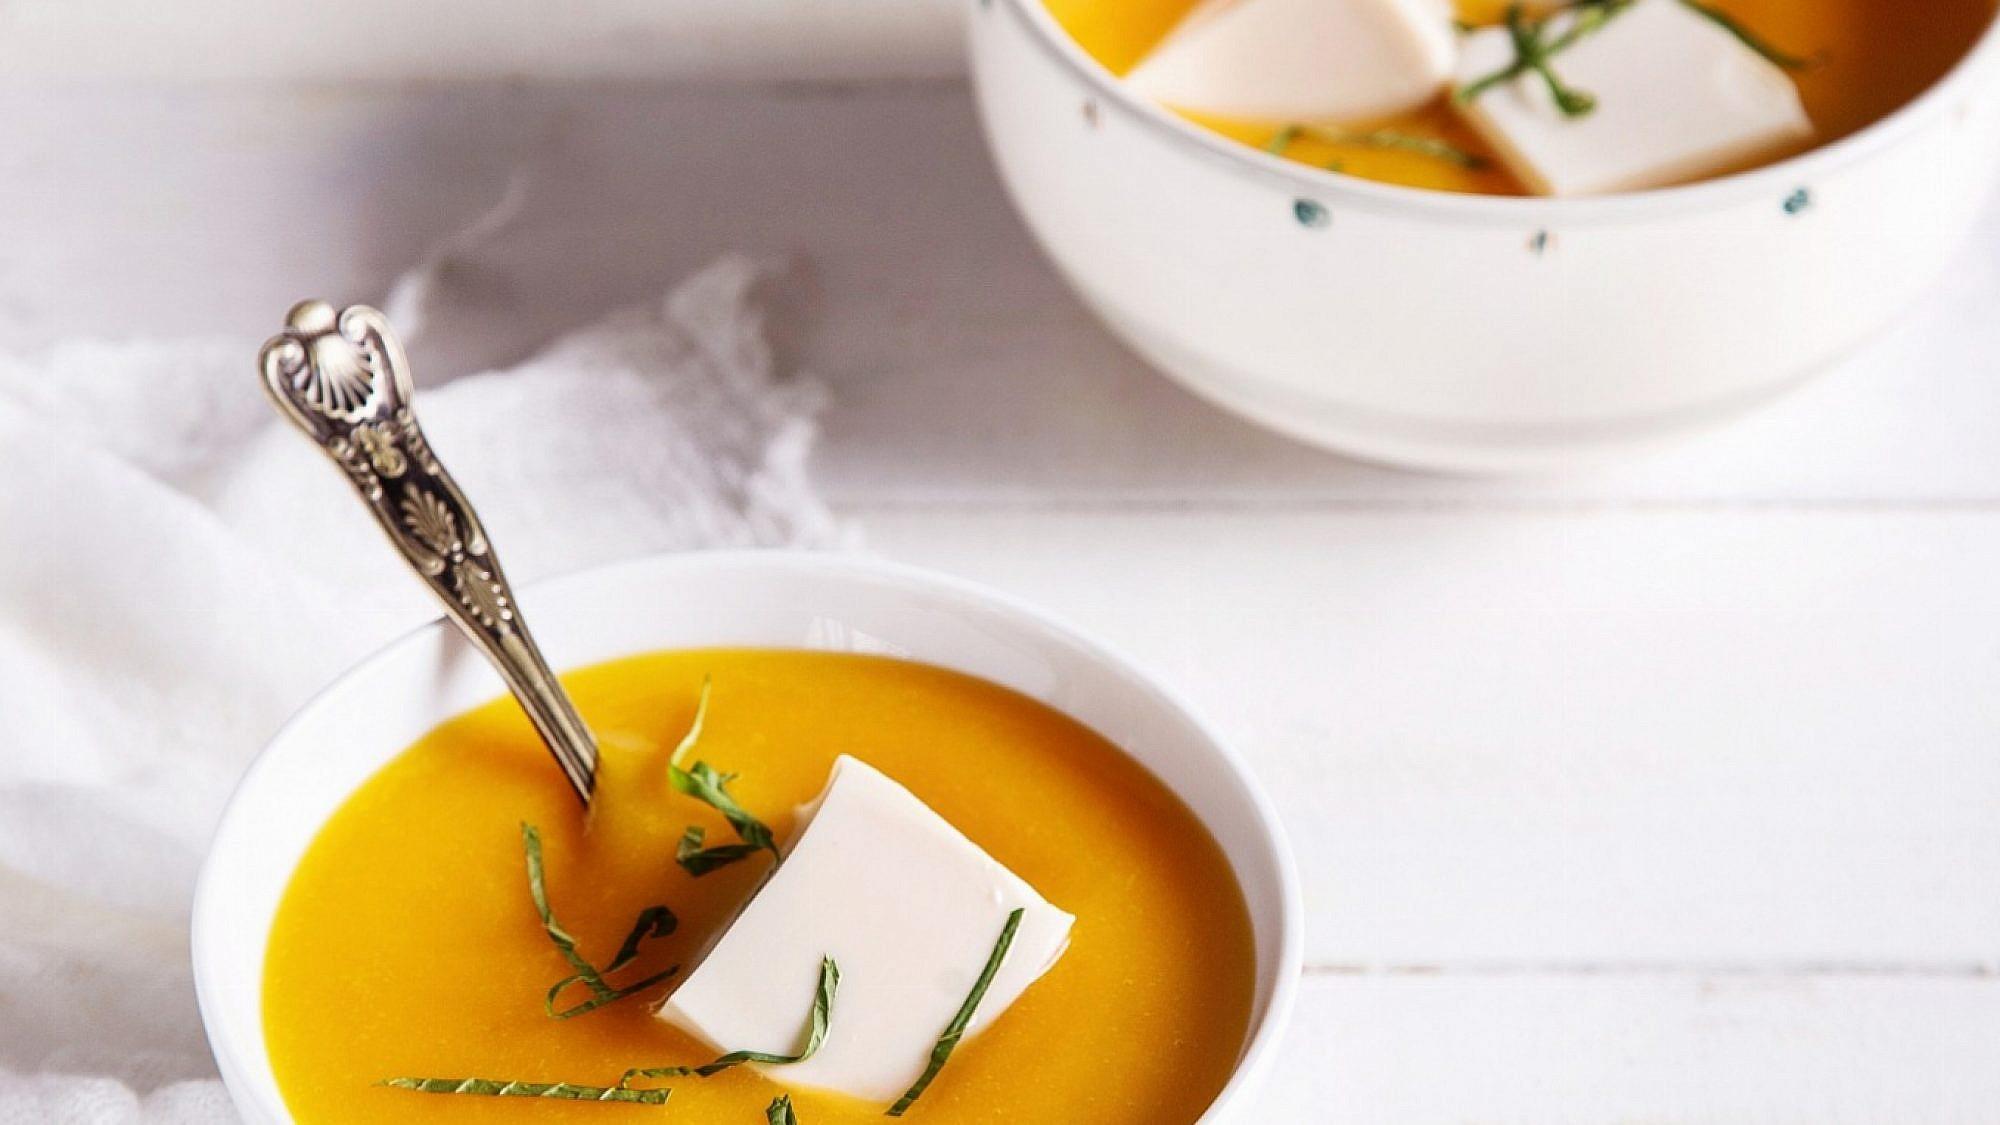 מרק מנגו מתובל עם טופו רך בדבש של נעם דקרס. צילום: שרית גופן. סטיילינג: אינה גוטמן